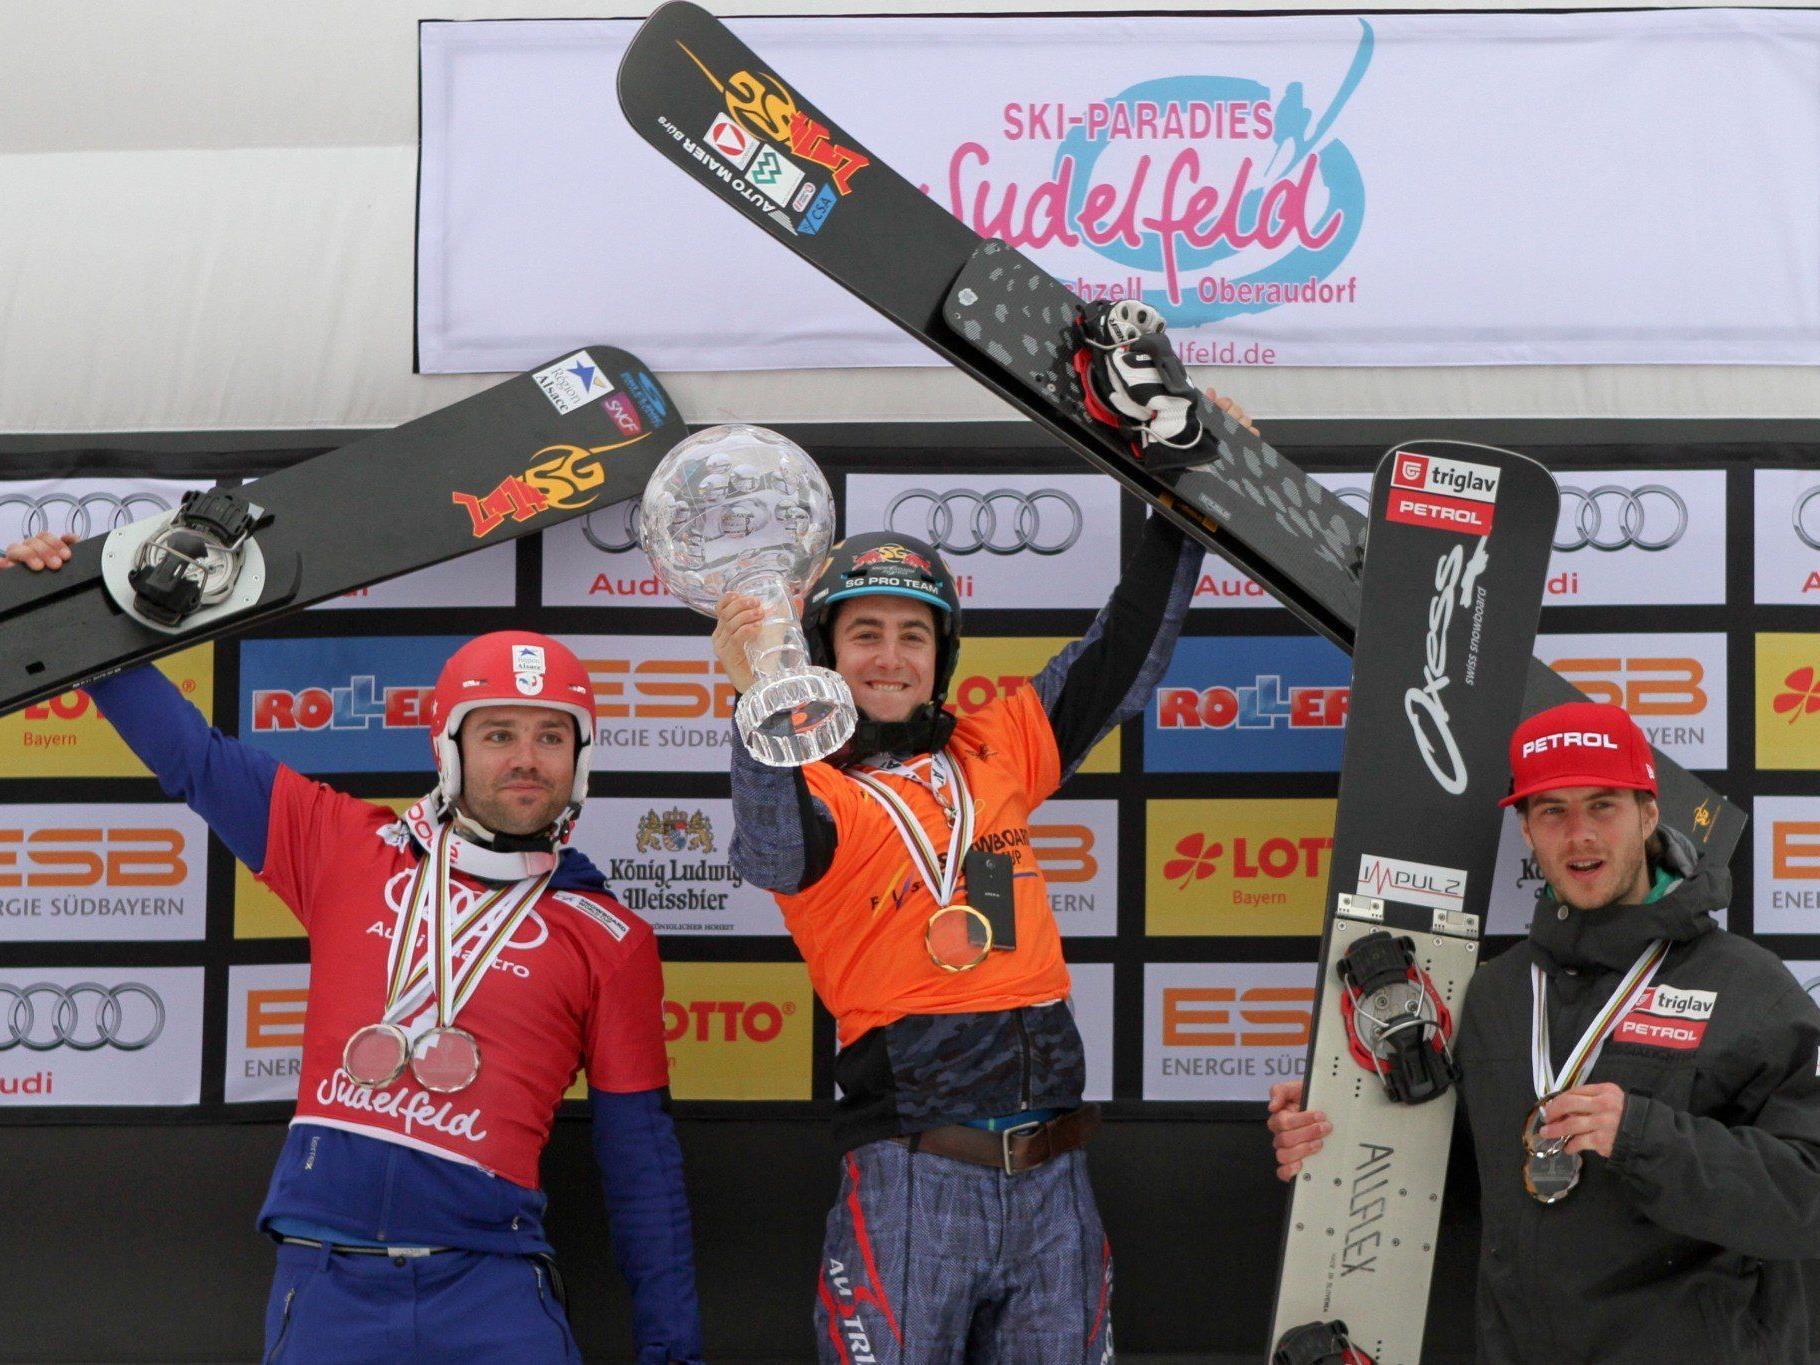 Der Shooting-Star des heurigen Snowboard Alpin-Weltcup-Winters ist Lukas Mathies aus St. Gallenkirch.